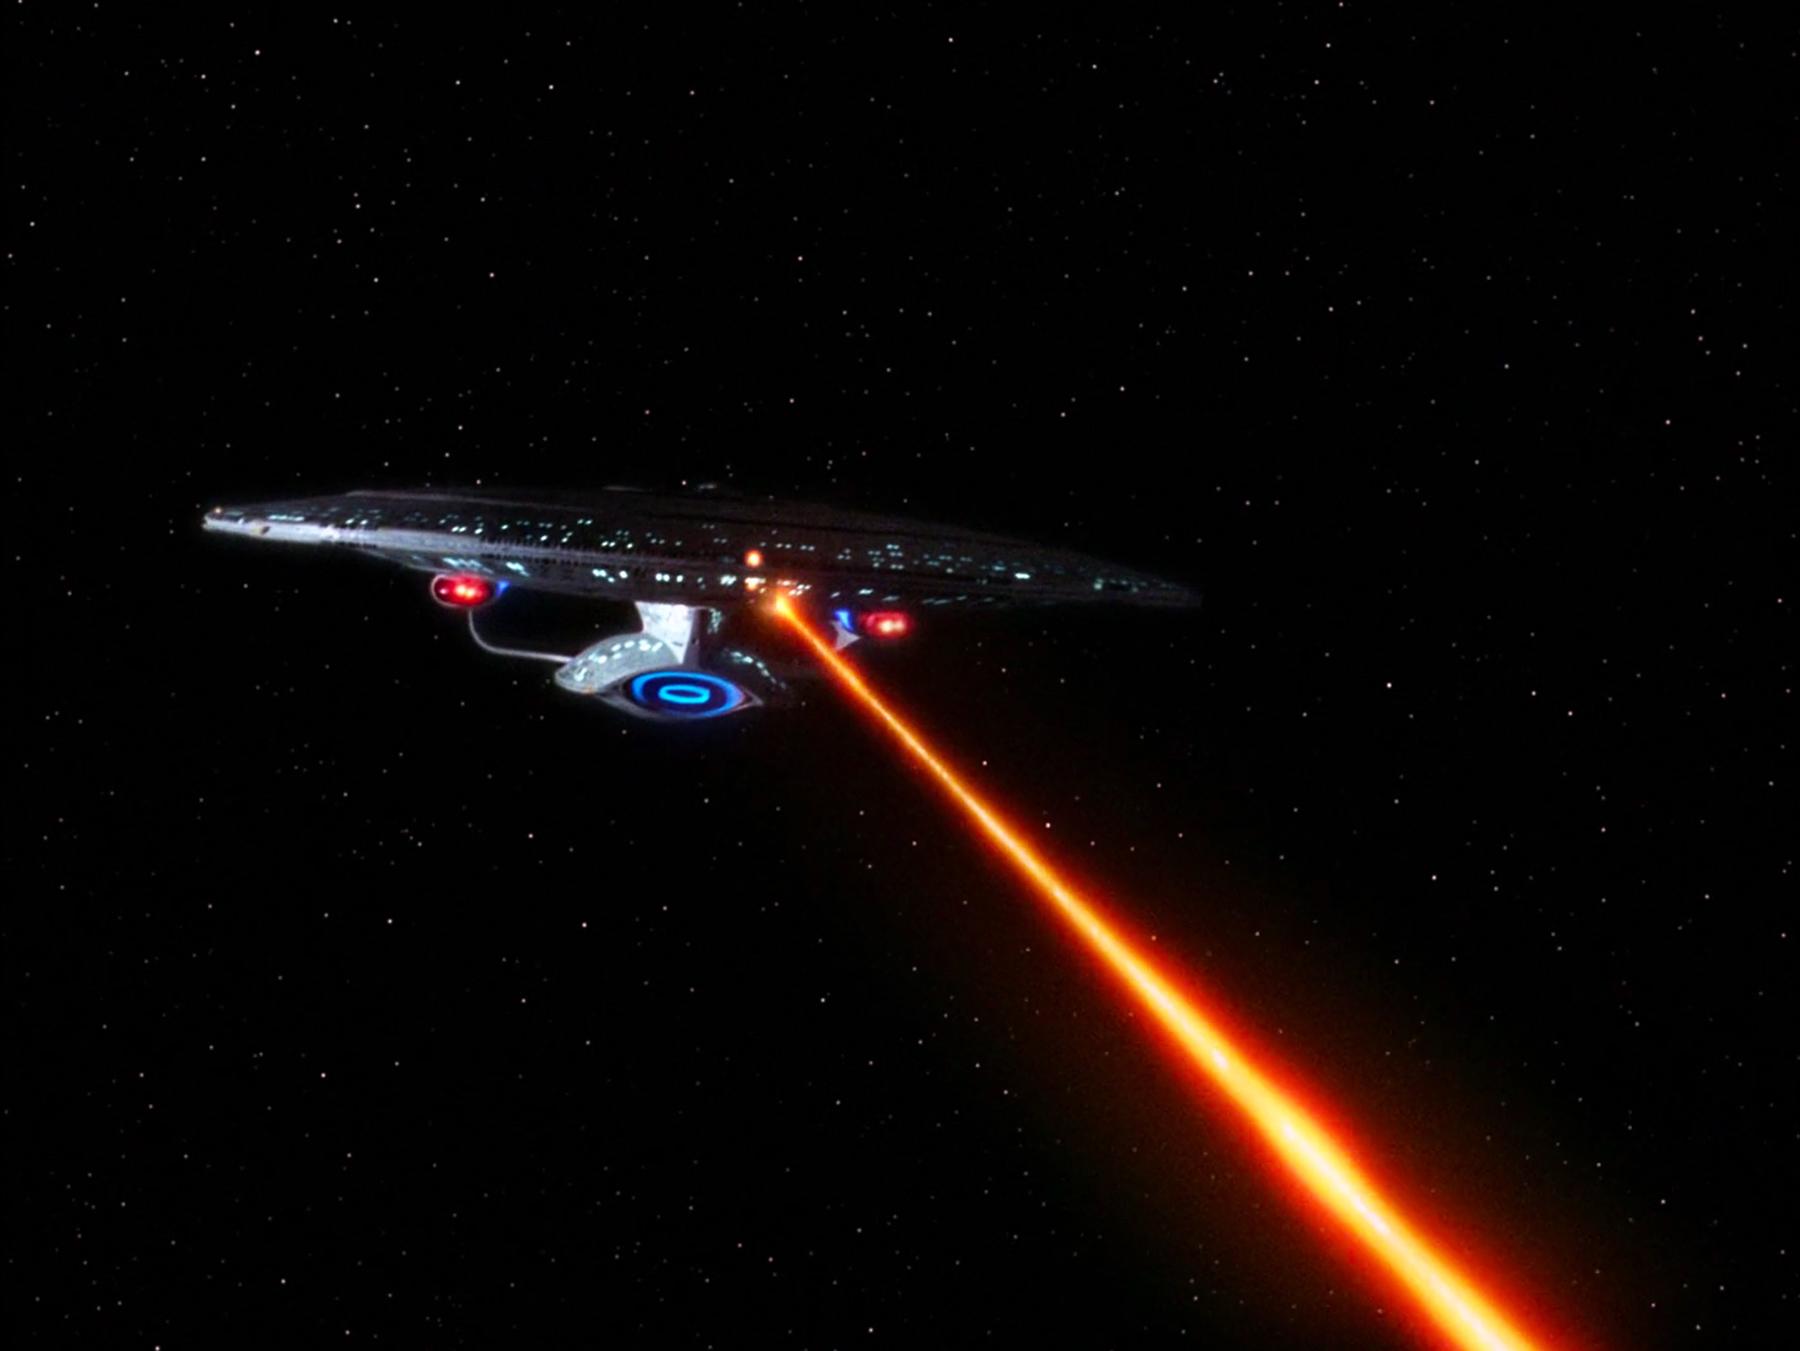 Federation-Klingon War (alternate timeline)